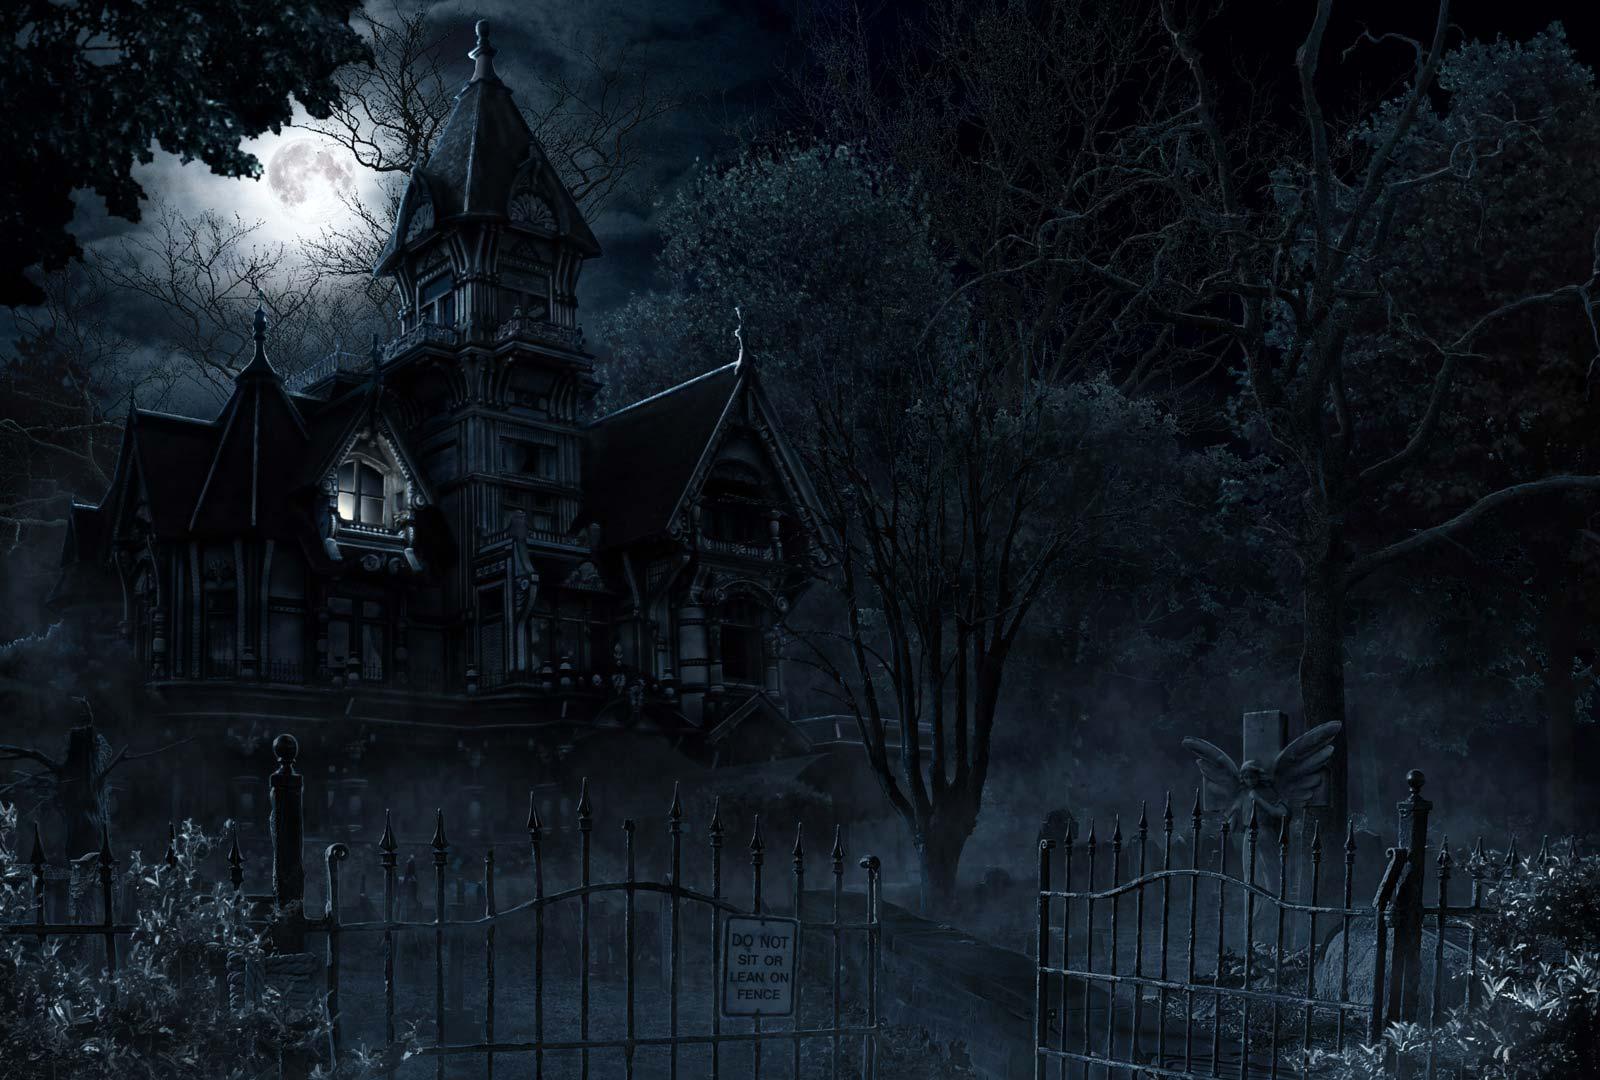 haunted_mansion_7f4f46da4f2e7726ed0d7d66316e0817